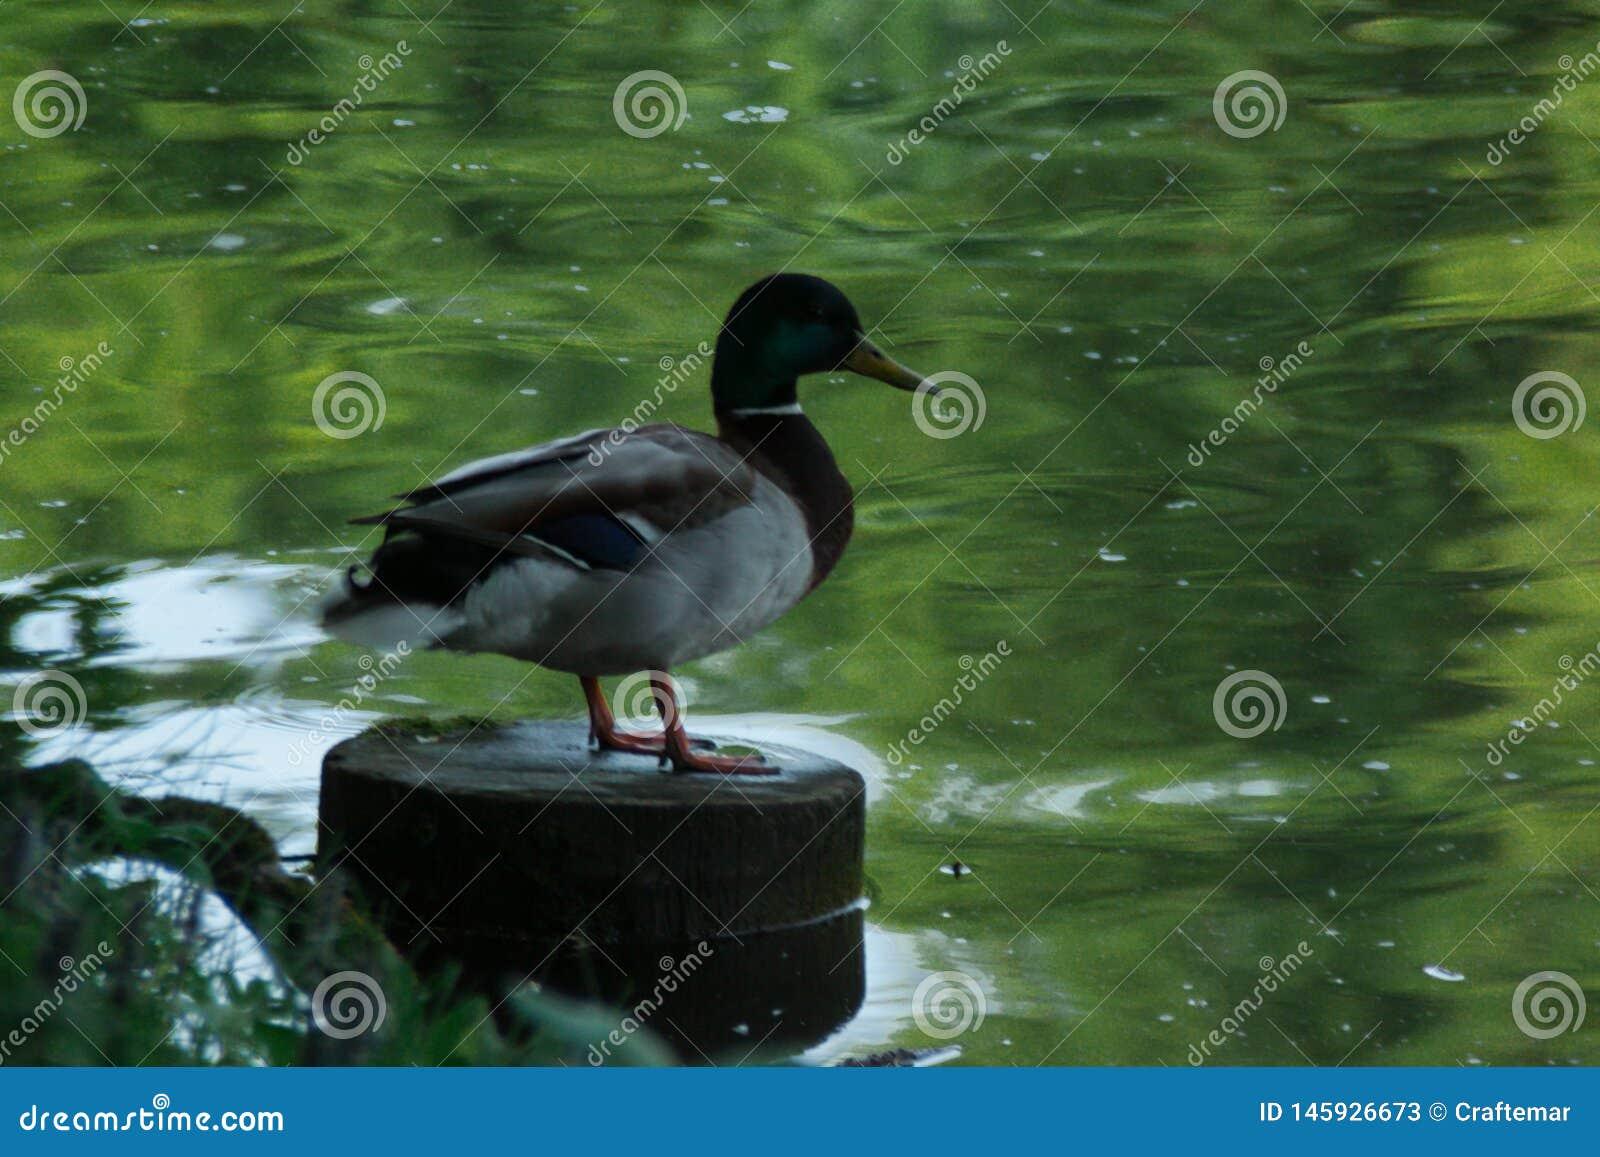 布朗米黄鸭子坐日志在农村池塘附近用绿色水,鸭子反射了水的表面上